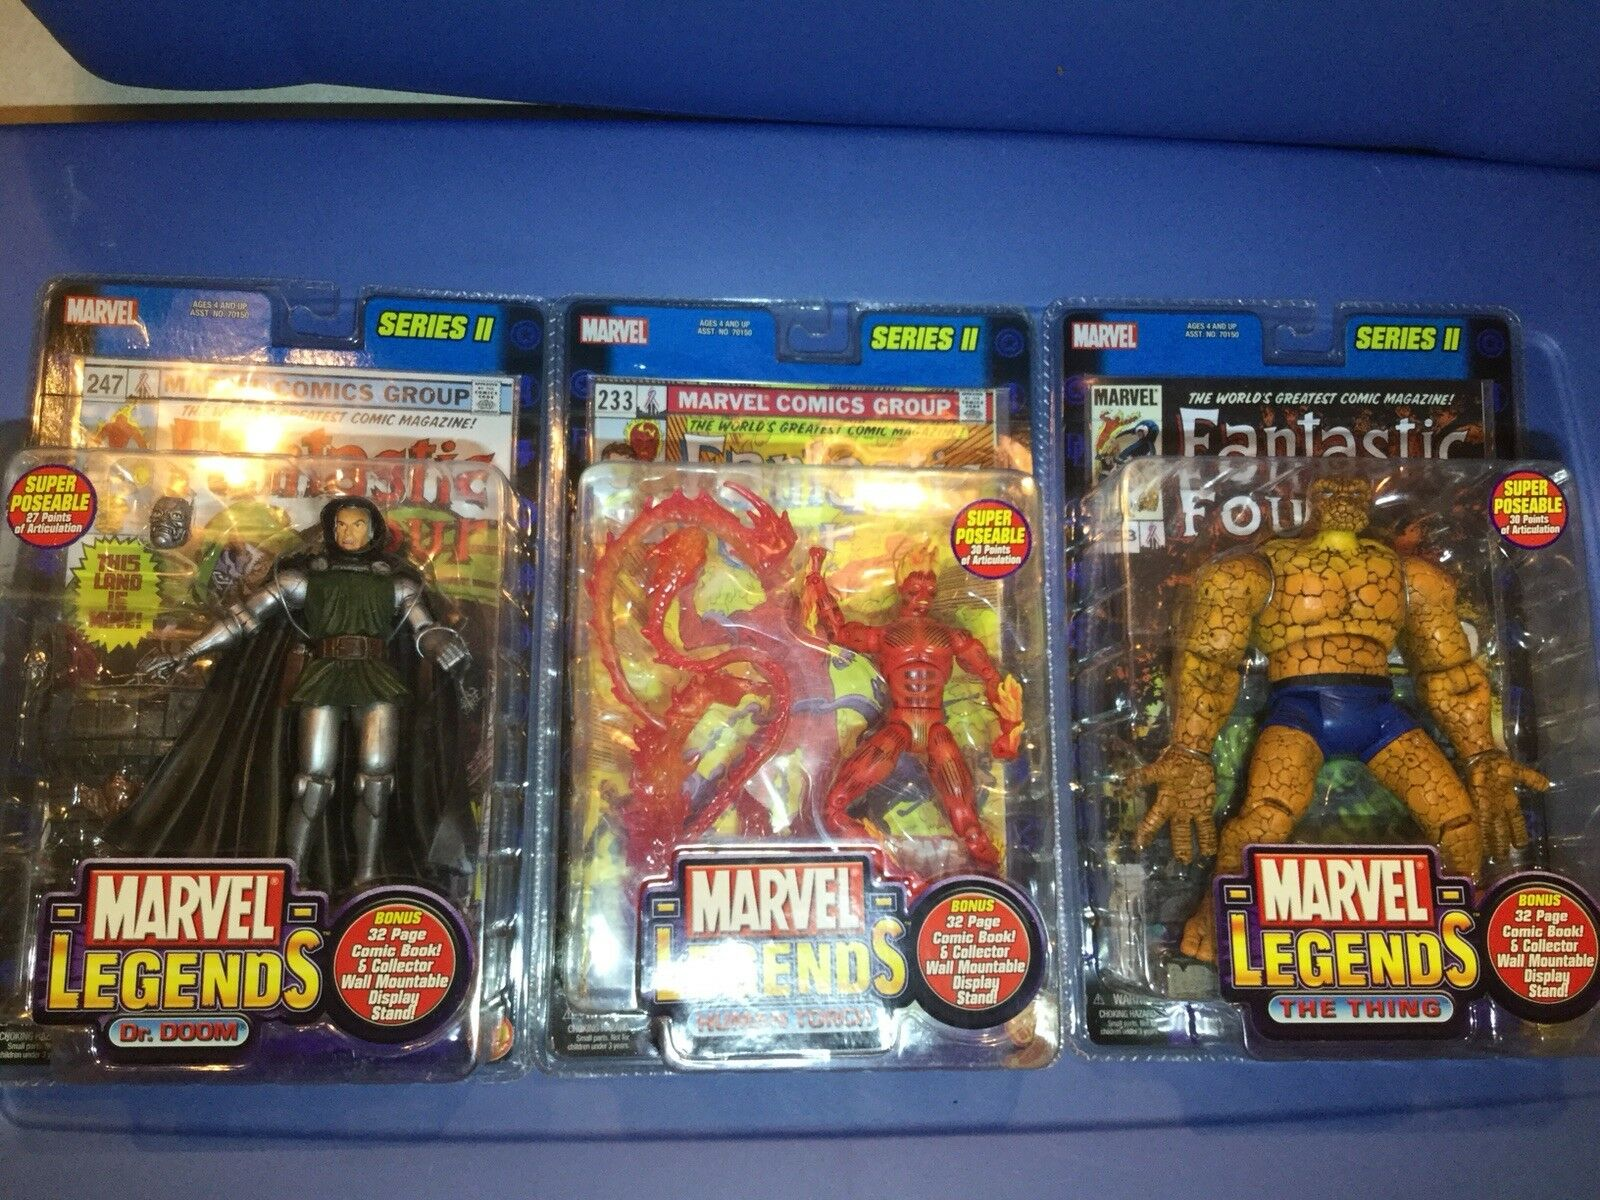 Marvel Legends speelgoedBiz Complete serie 2 Dr Doom, Thing, Human Torch (zie descrip